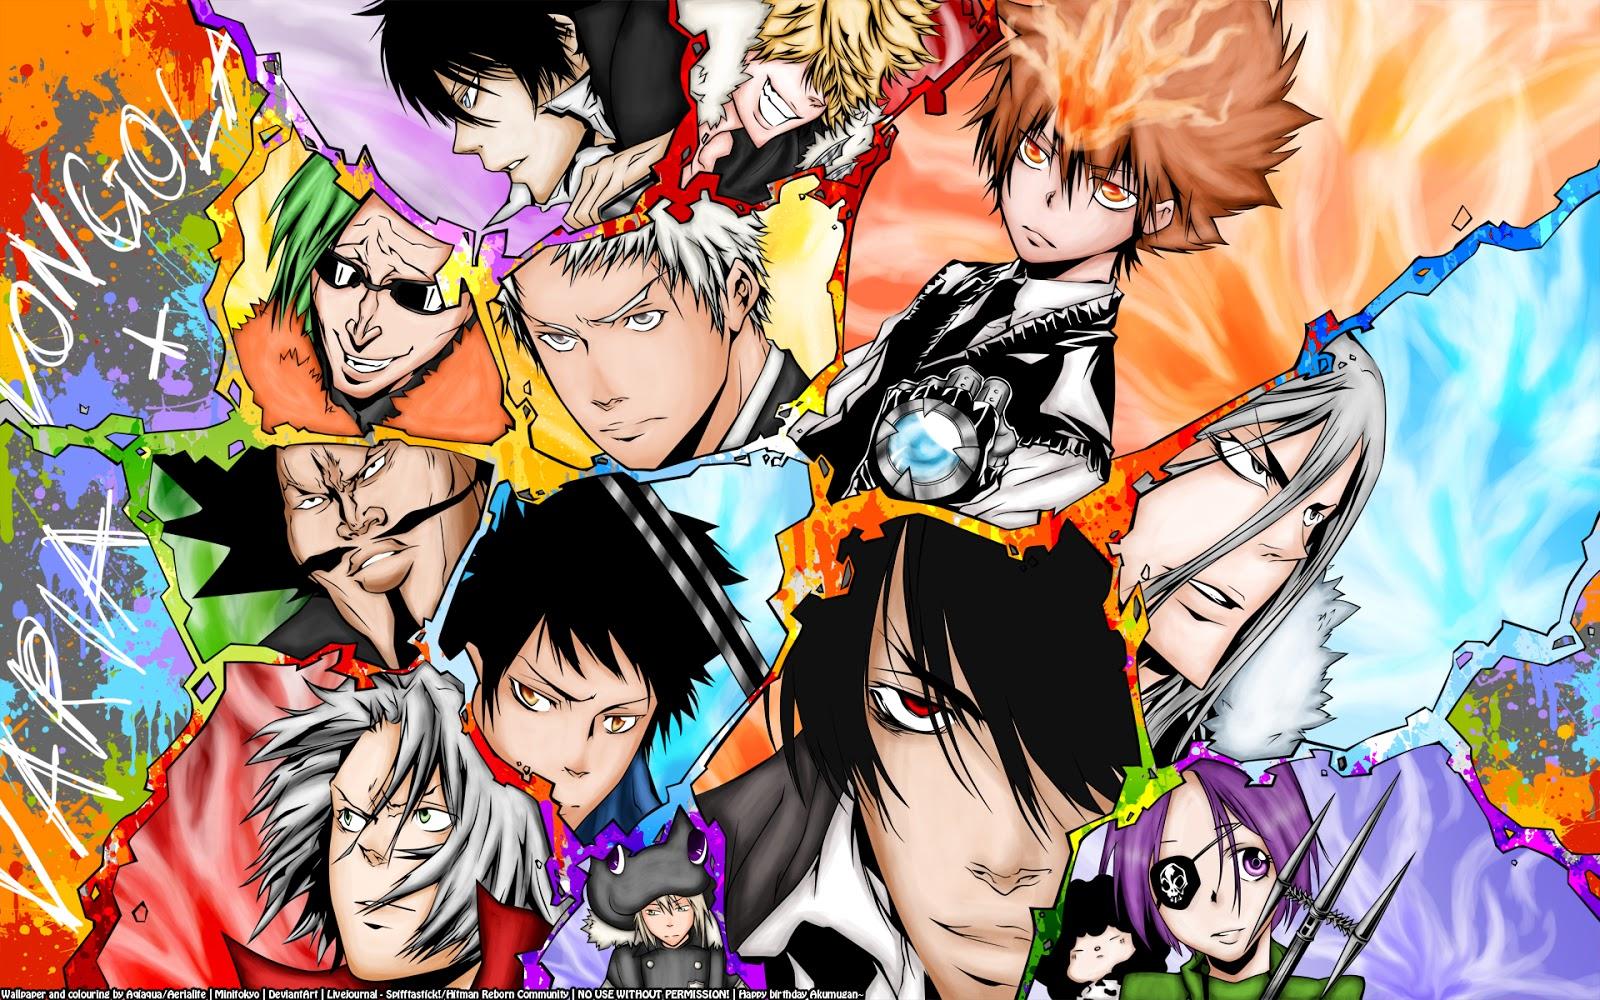 Katekyo Hitman Reborn Character Anime HD Wallpaper Desktop PC 1600x1000